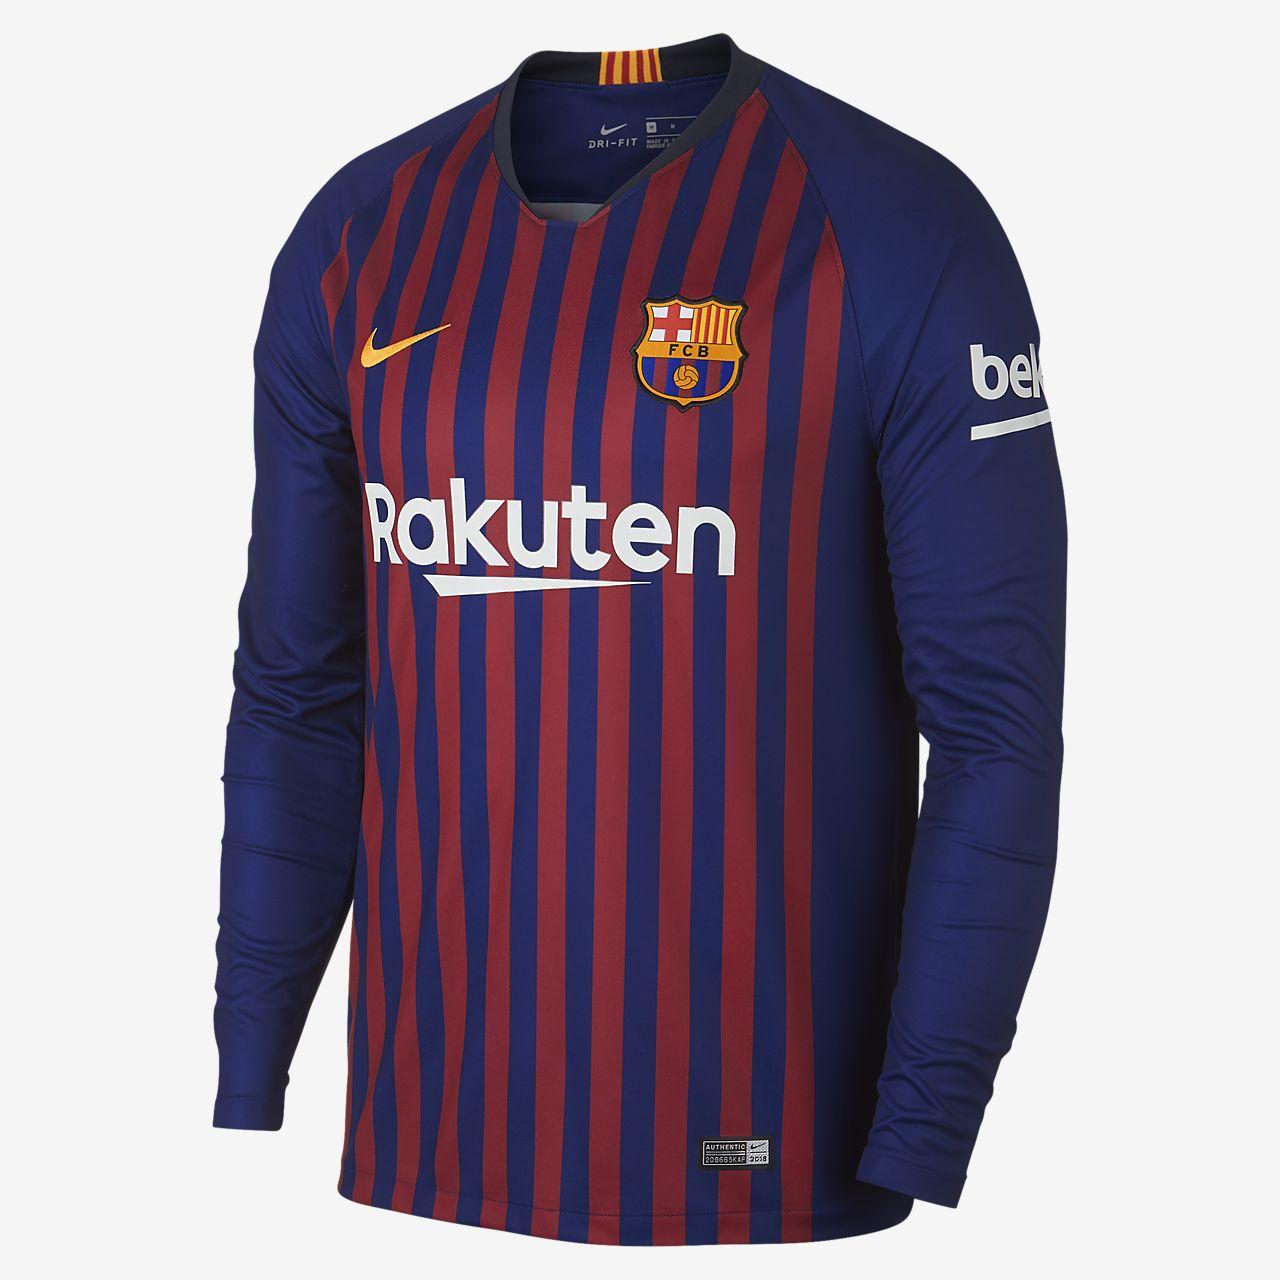 05e6826e585 2018 19 FC Barcelona Stadium Home Men s Long-Sleeve Football Shirt ...